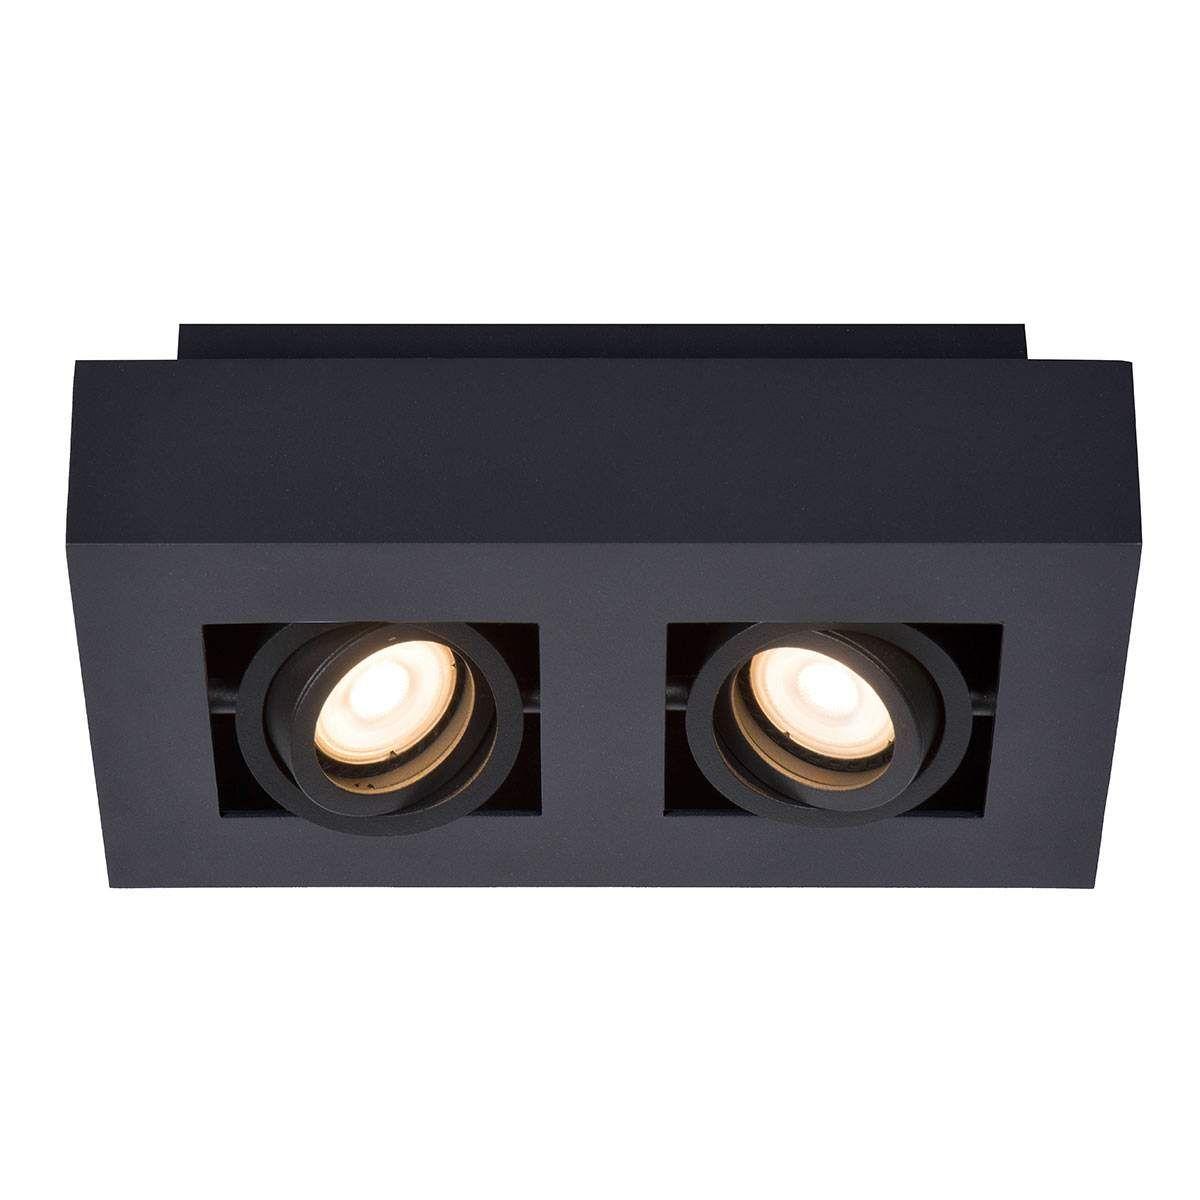 Deckenlampe Strahler Led Strahler Mit Bewegungsmelder Und Dauerlicht Led Strahler 100watt Spot Birne Led Deckenstrahler Deckenstrahler Led Strahler Aussen